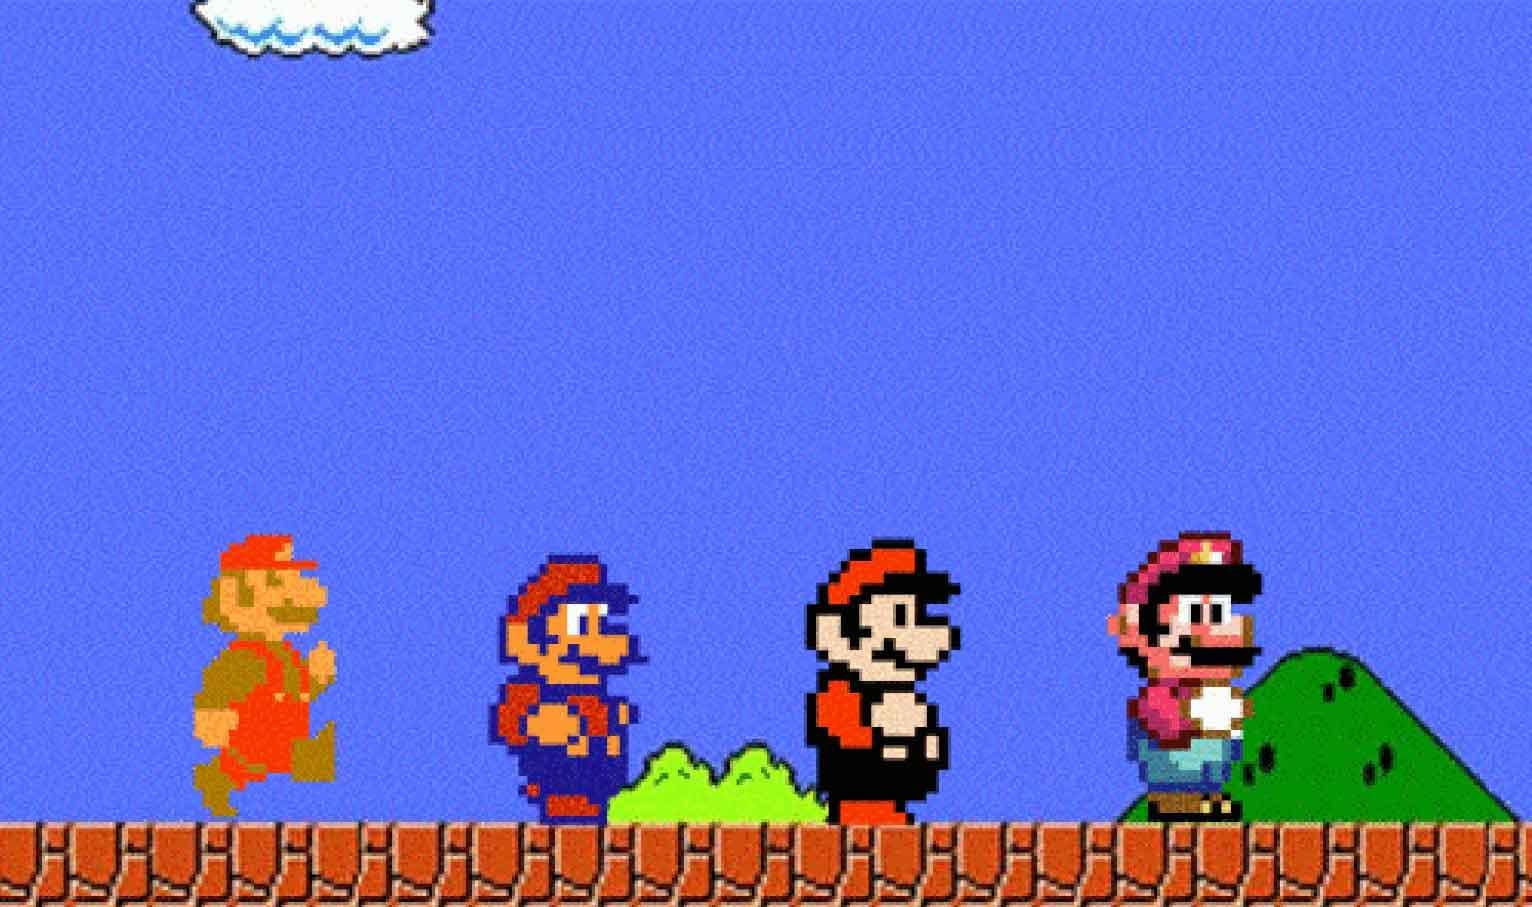 Namensgeschichten der Nintendo-Charaktere: Super Mario und der Lagervermieter aus Tukwila